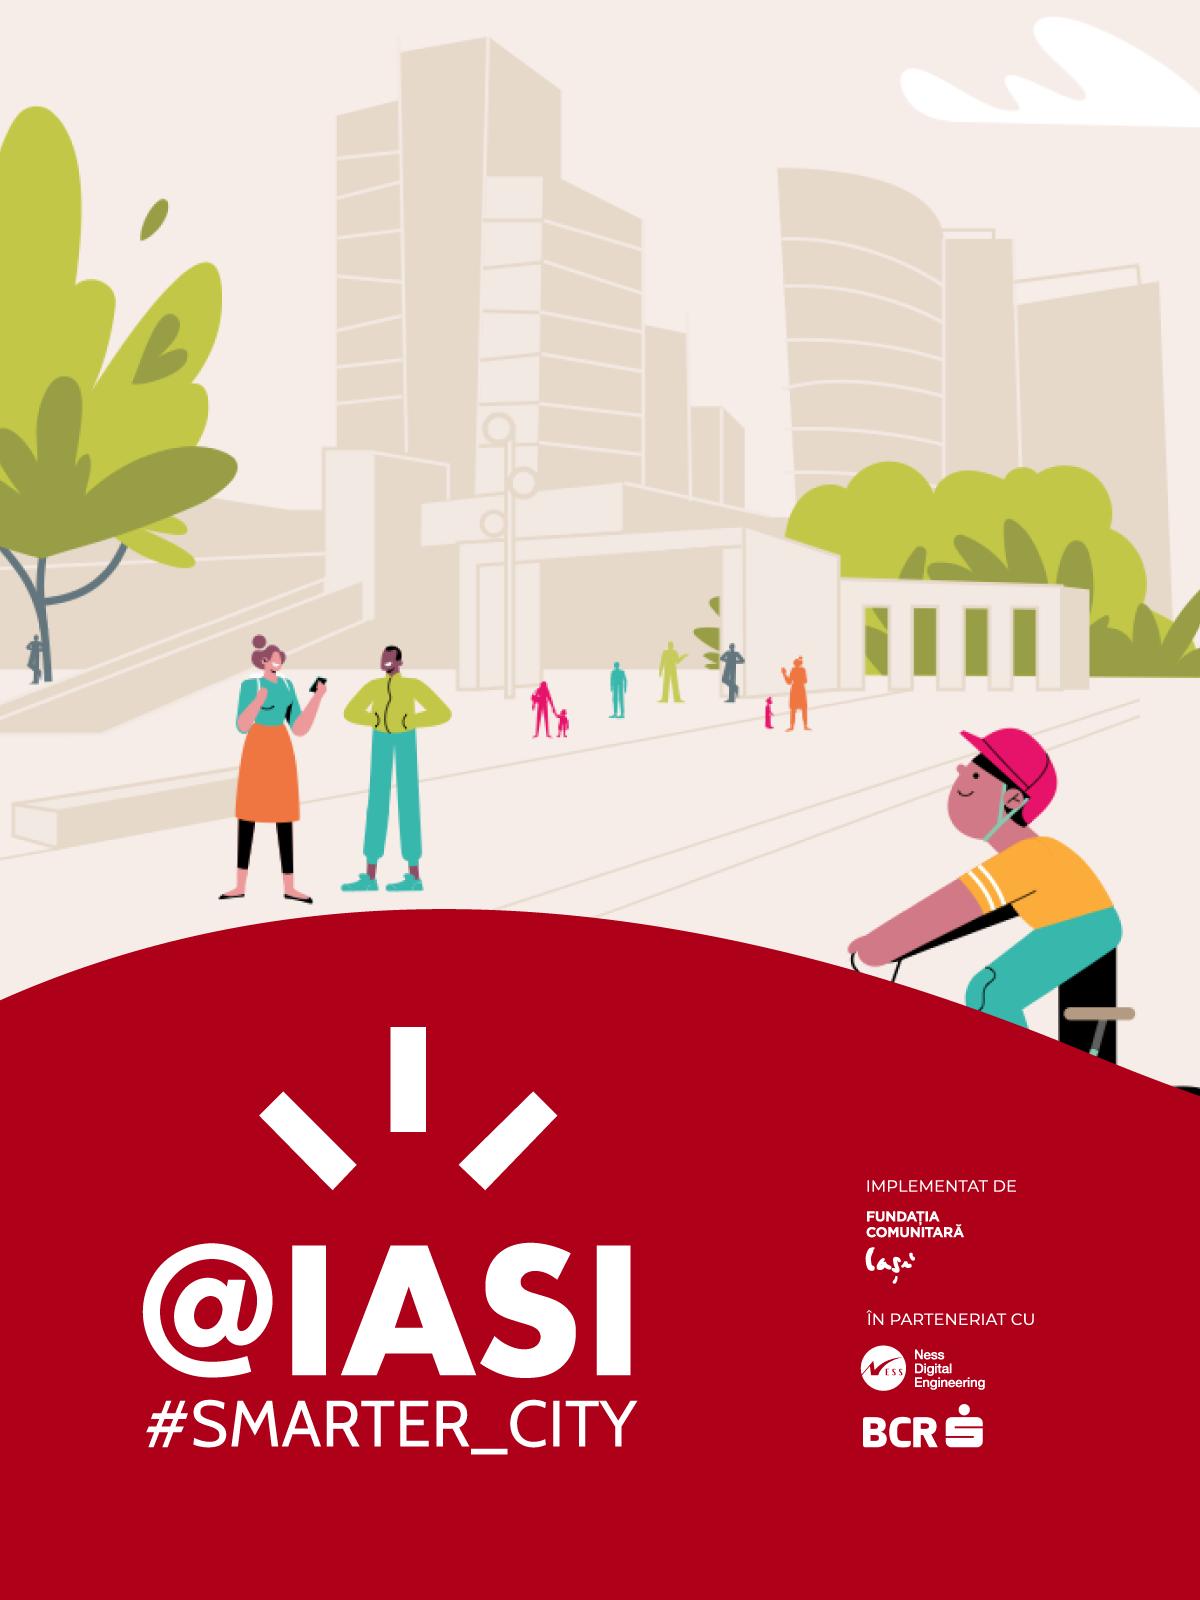 Ness România și Banca Comercială Română, alături de Fundația Comunitară Iași, revitalizează orașul prin bănci #smart